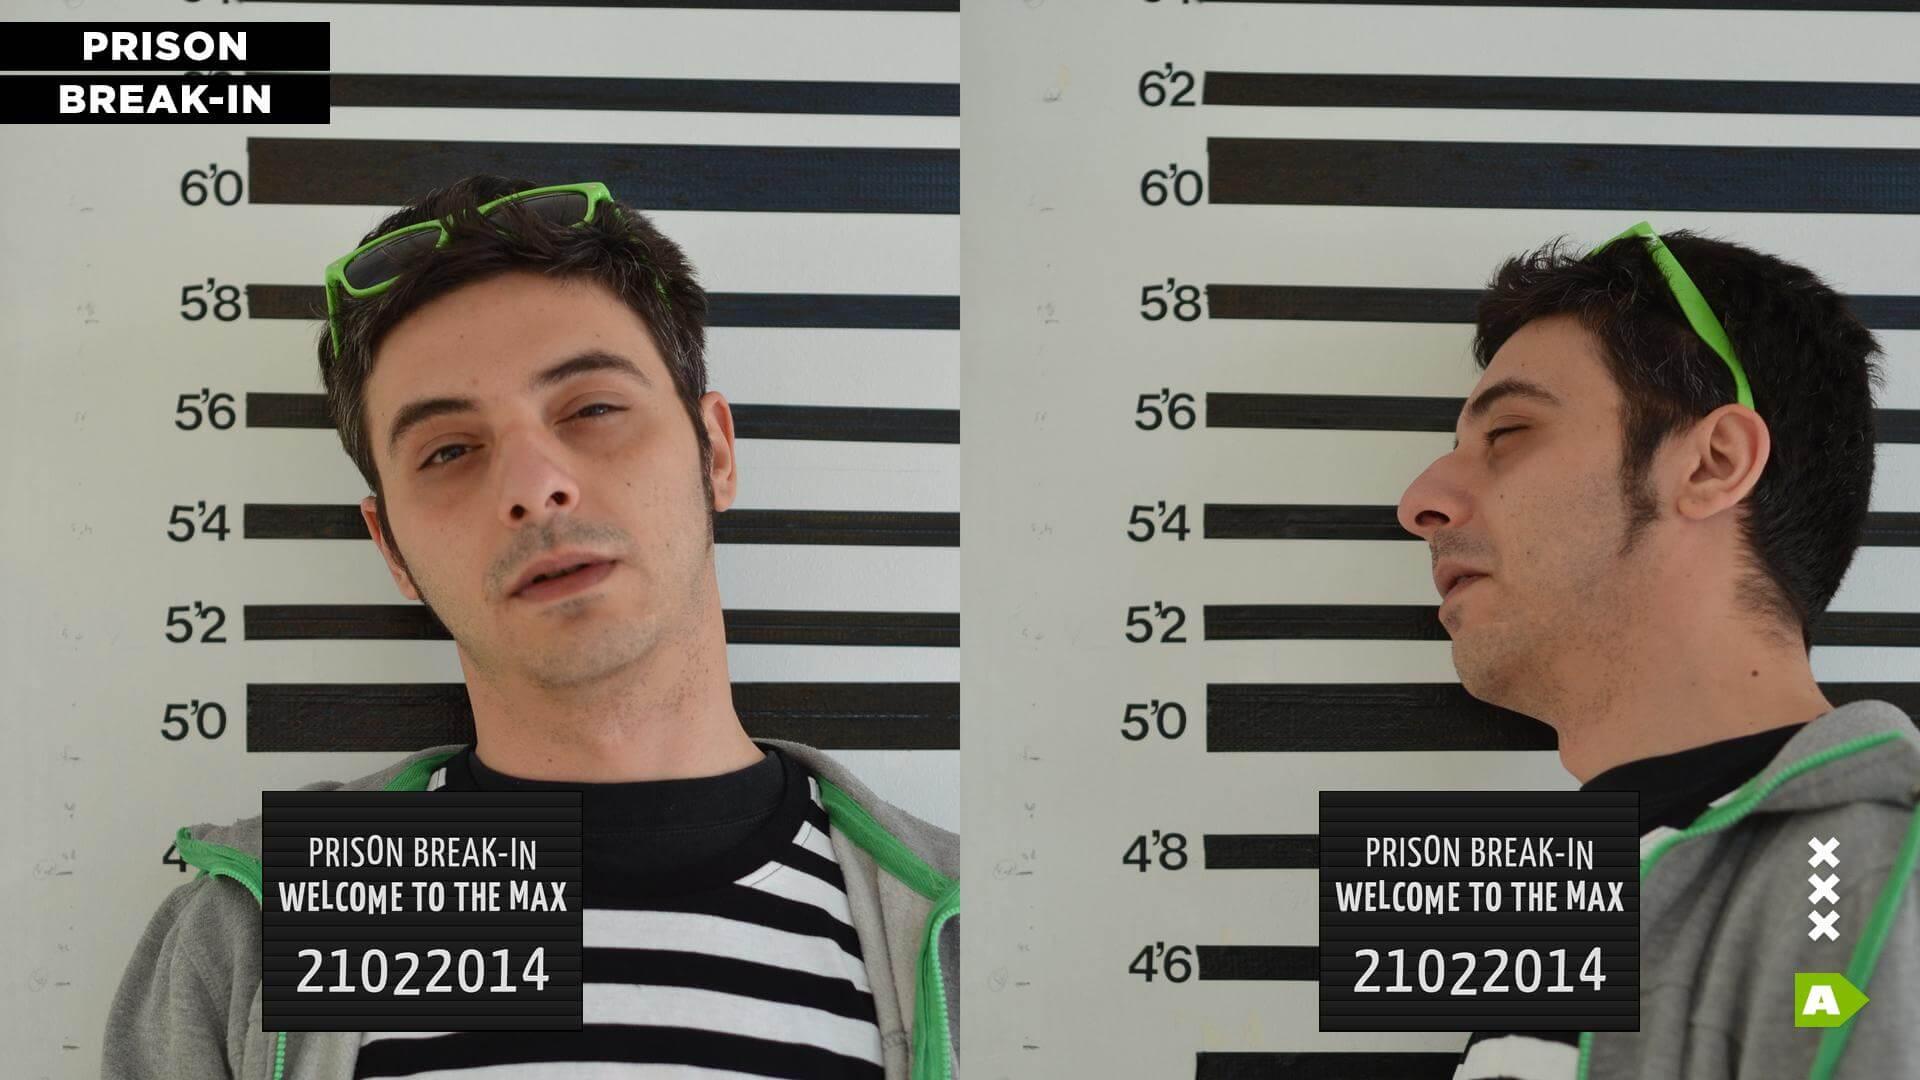 Prison_Break_Label_A_the_max